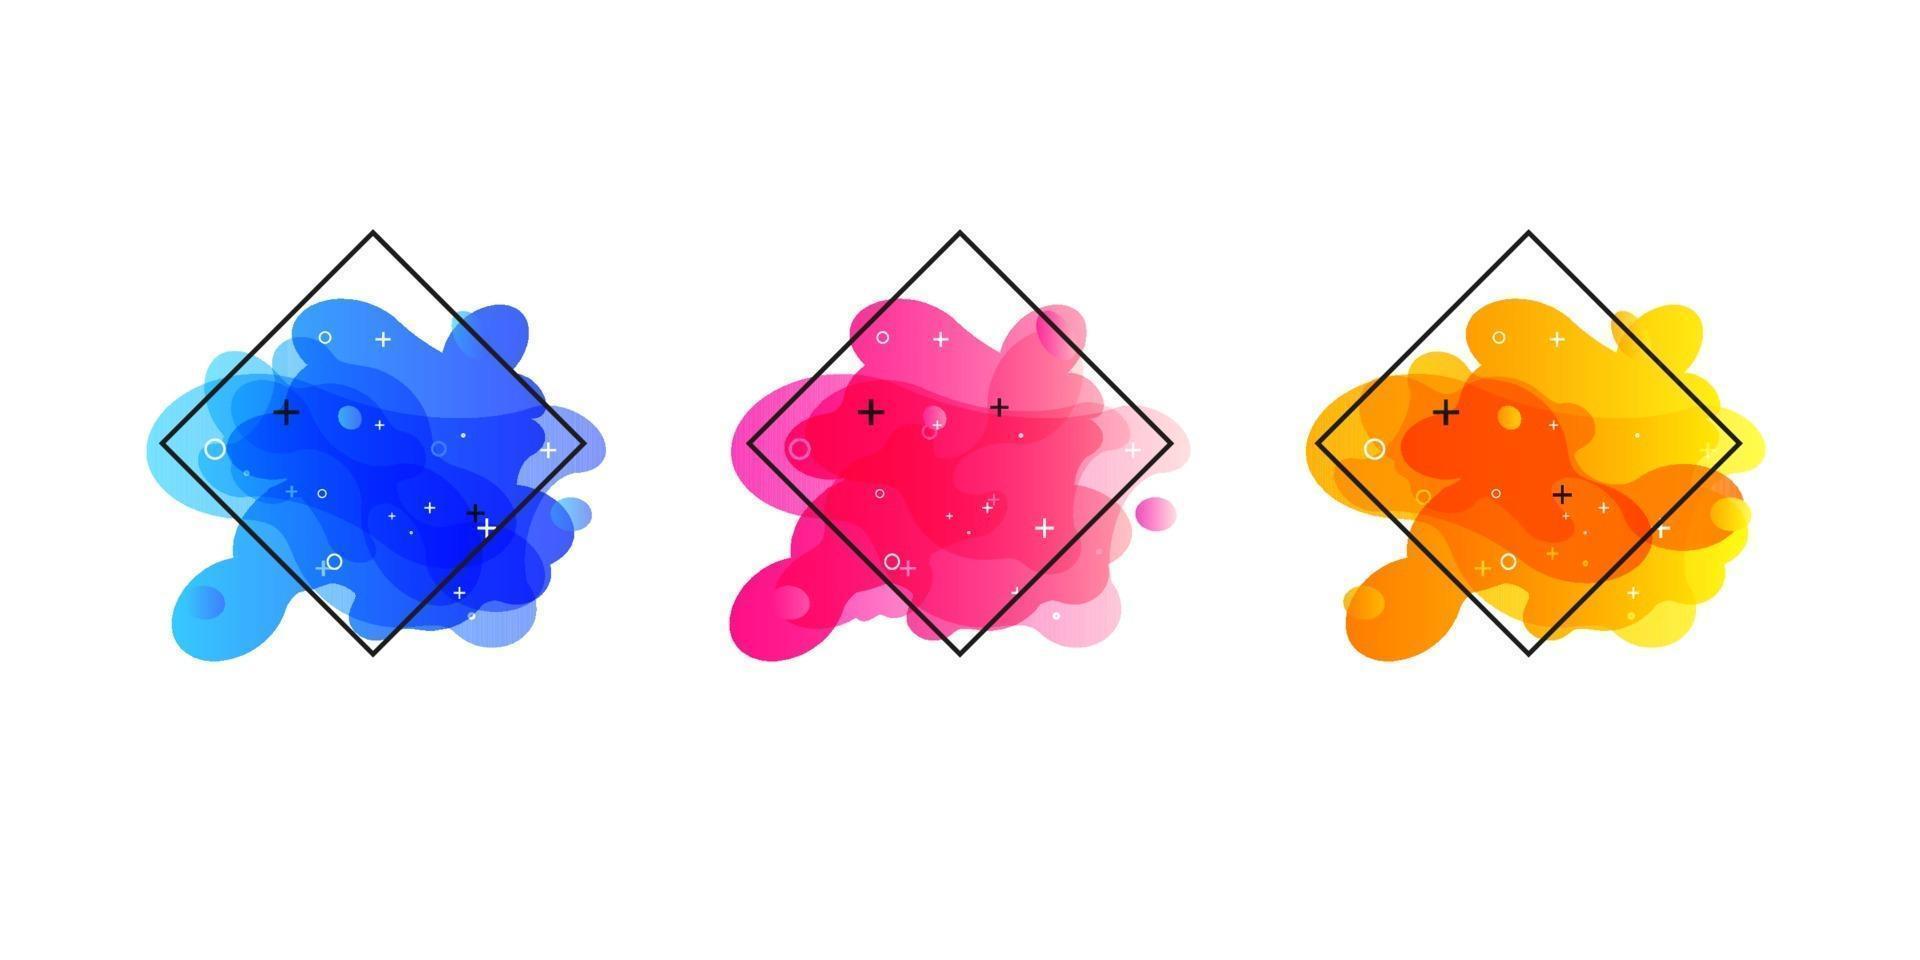 gradient geometriska banners med flytande flytande former. dynamisk flytande design för logotyp, flygblad eller presentation. abstrakt vektor bakgrund